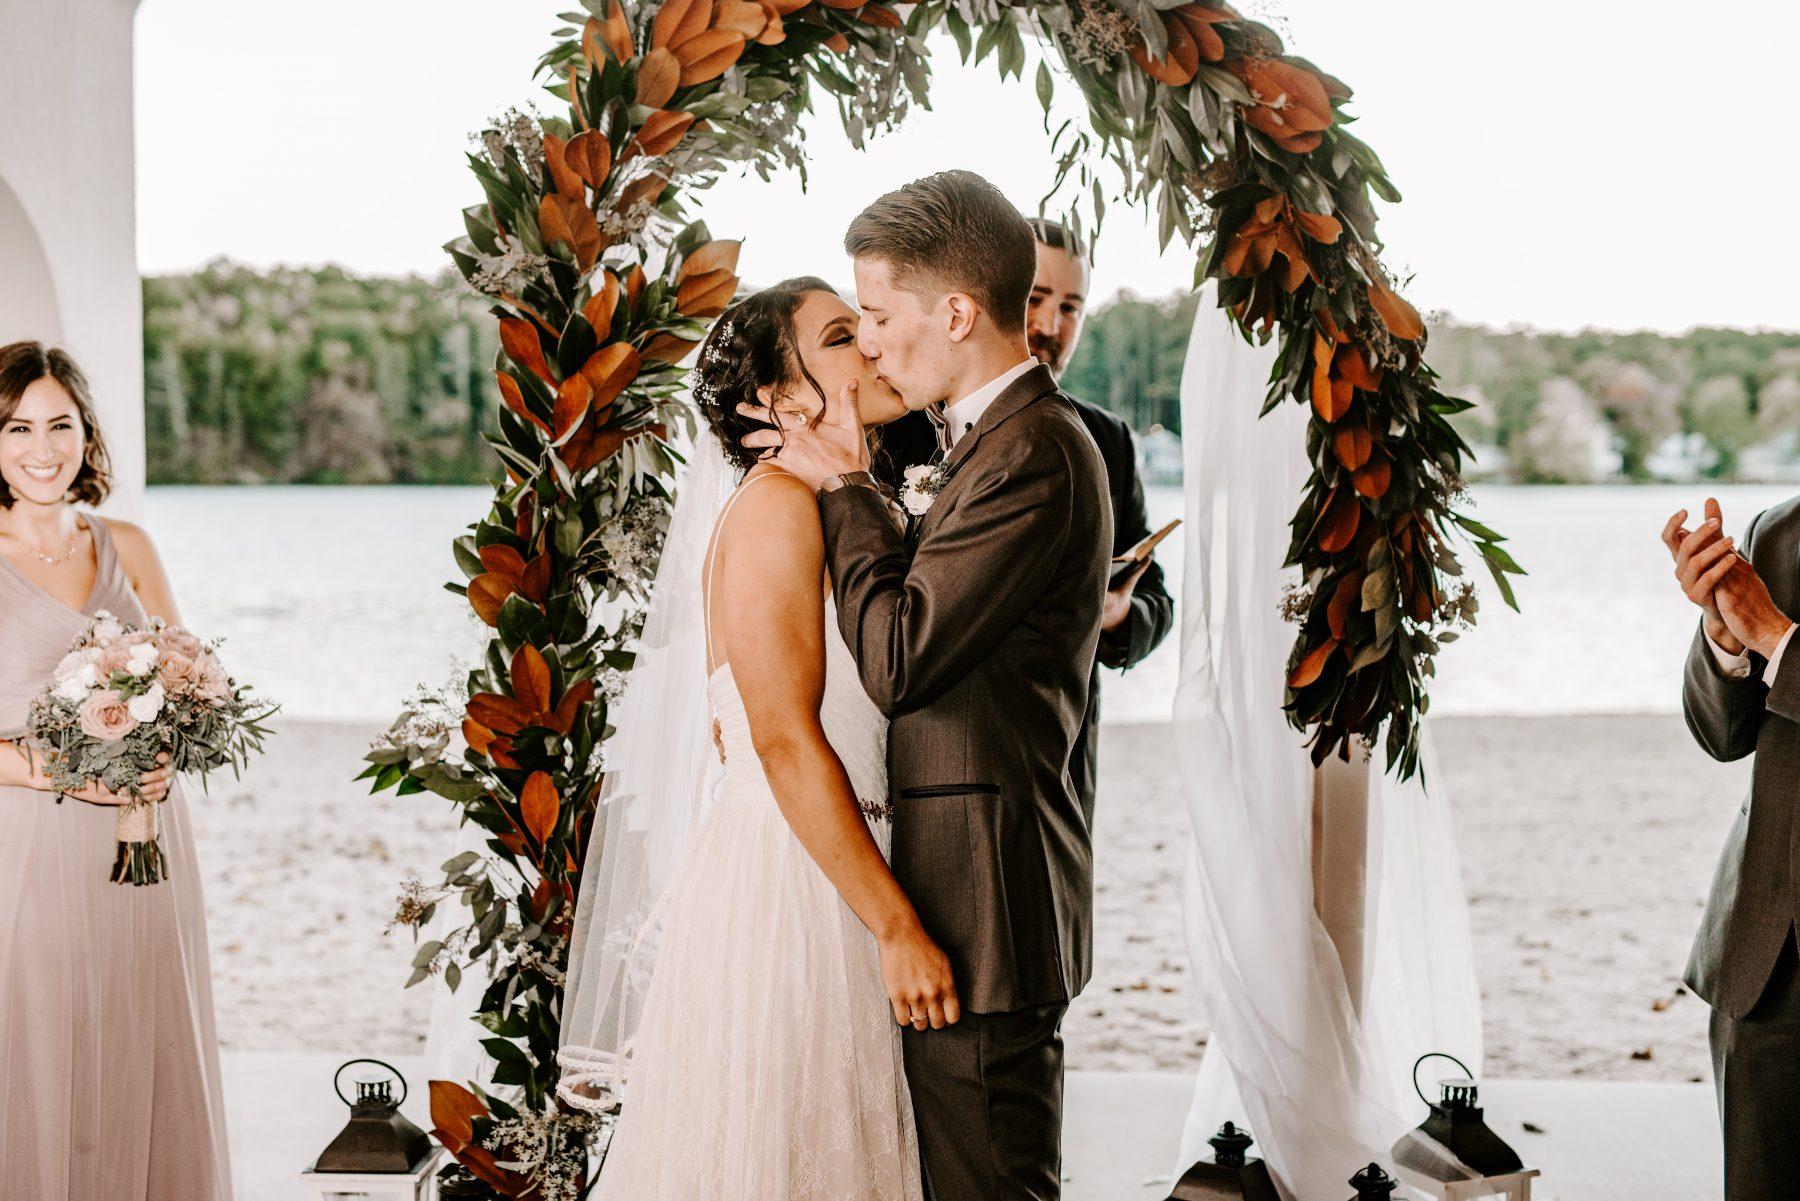 Lake Pearl Wrentham Wedding Olga and Caleb Blueflash Photography 21